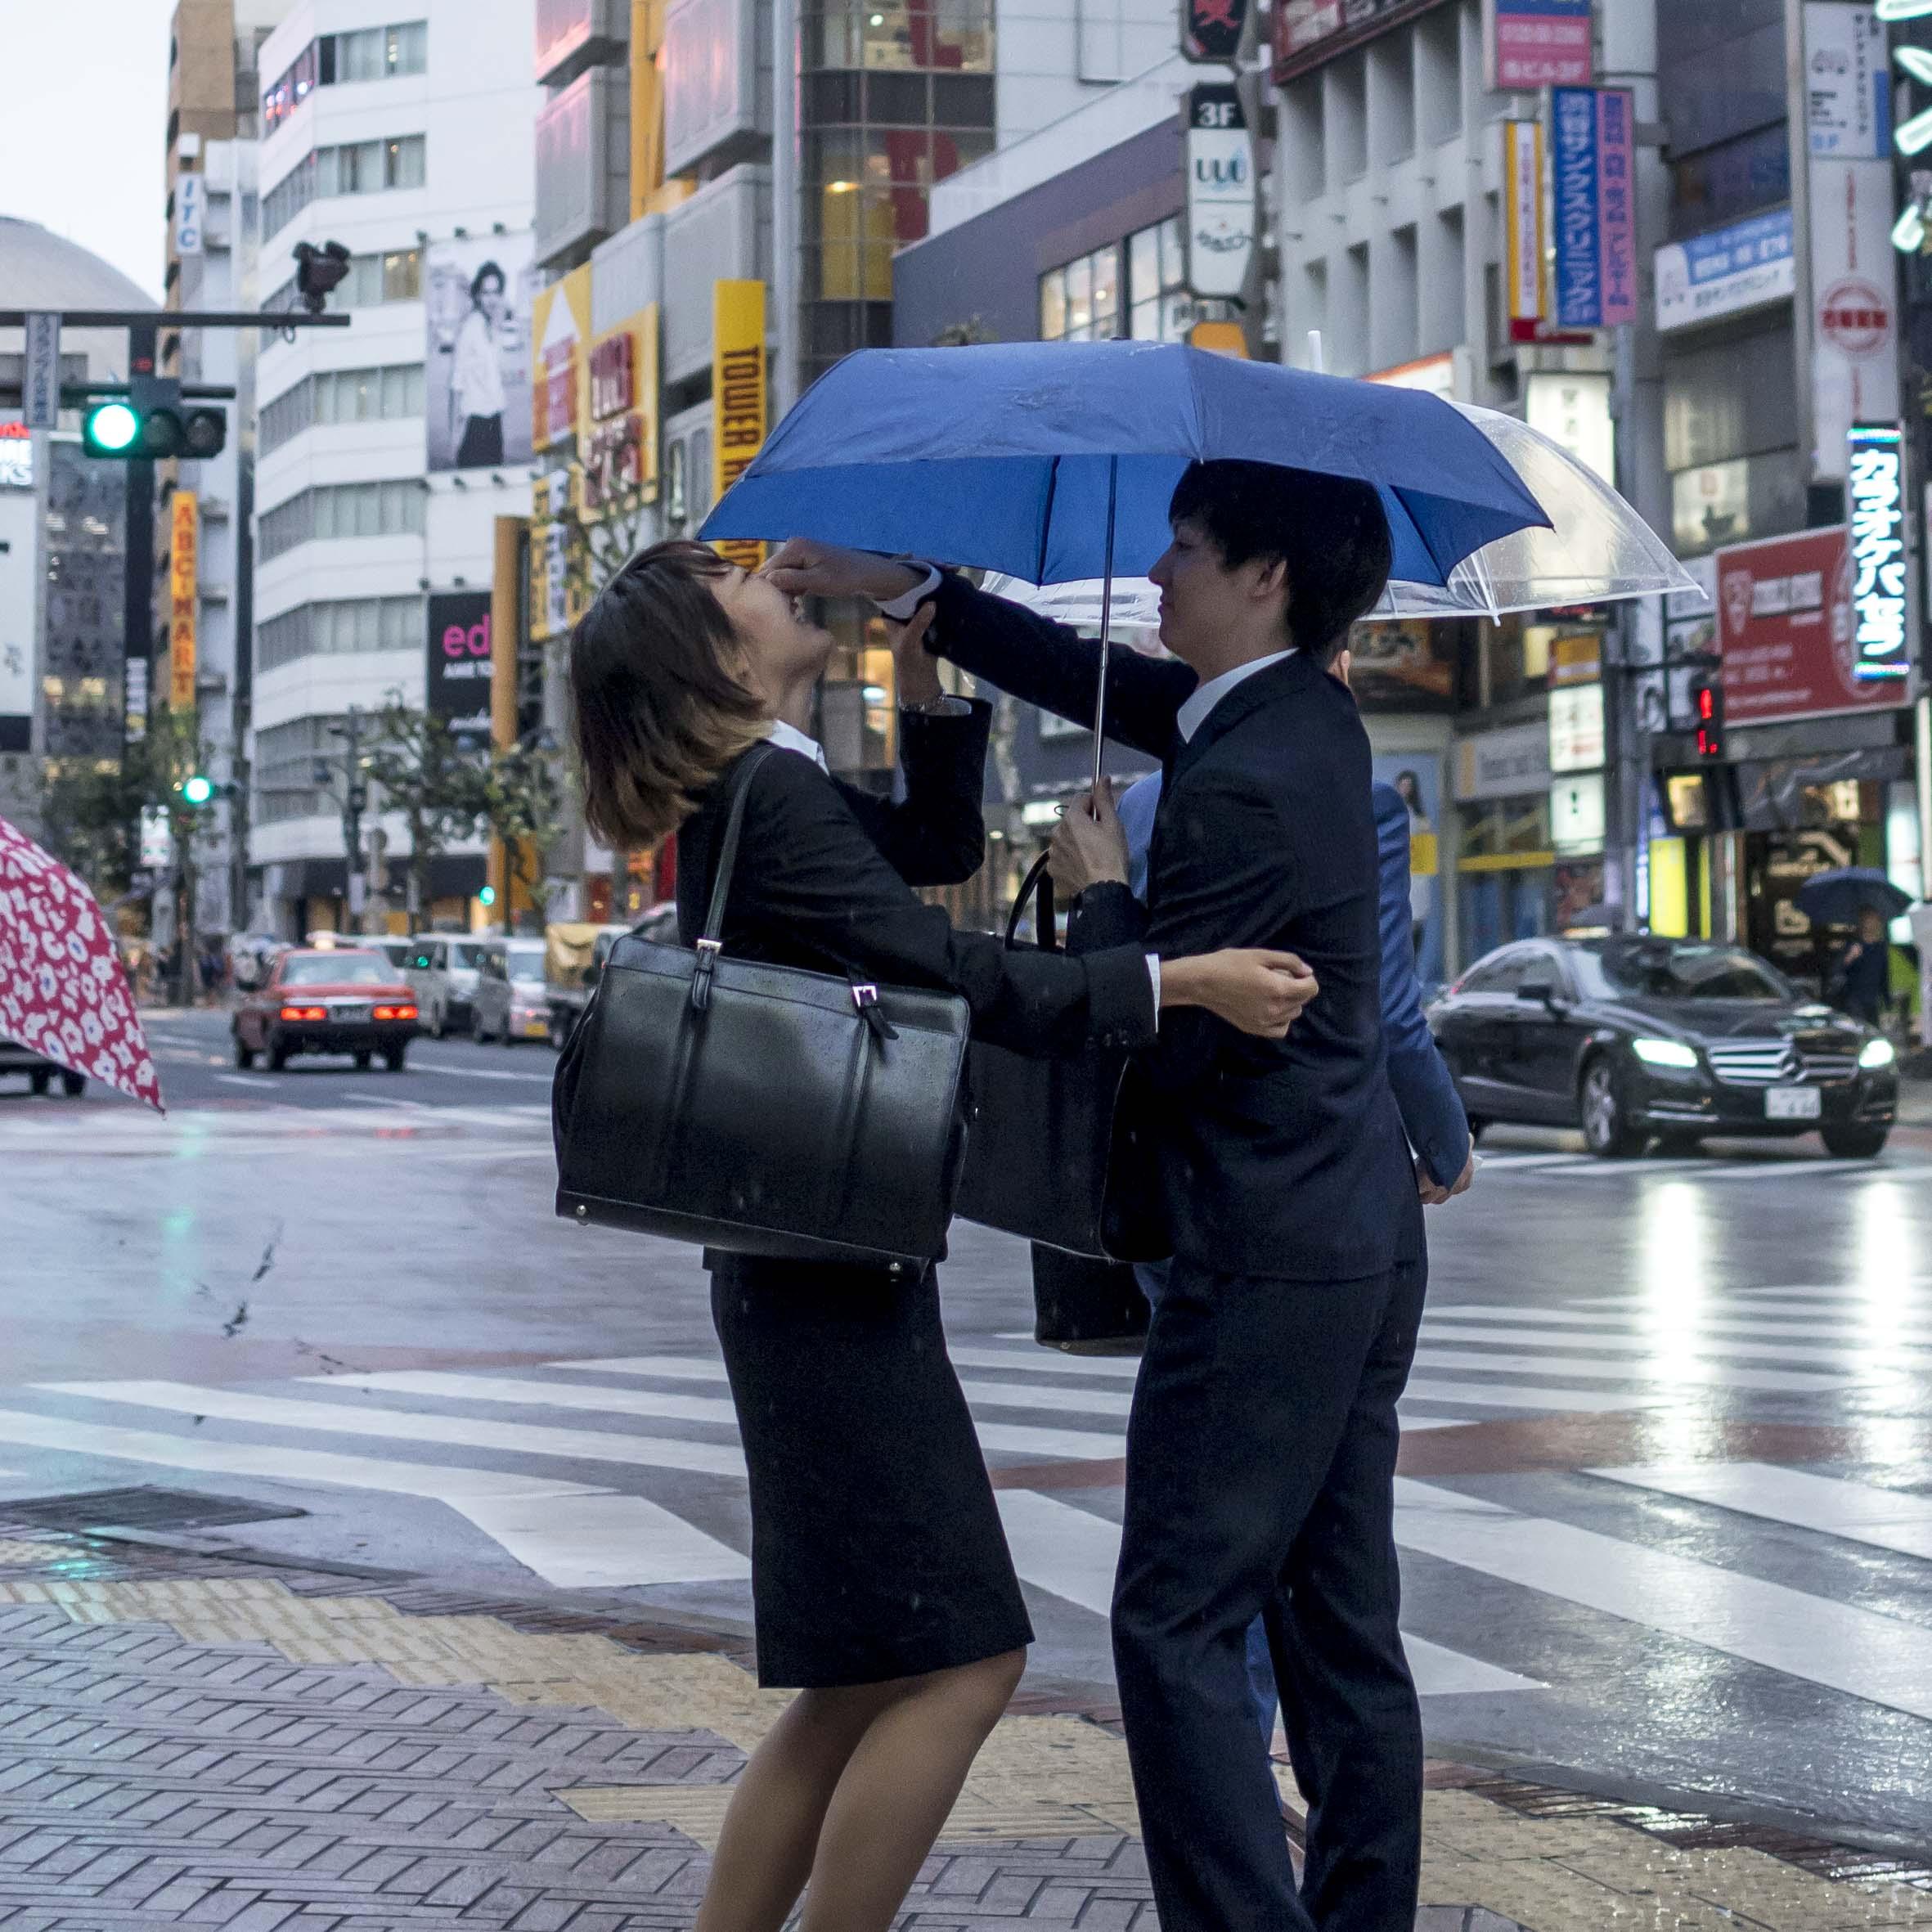 tokyo summer 2-010471.jpg